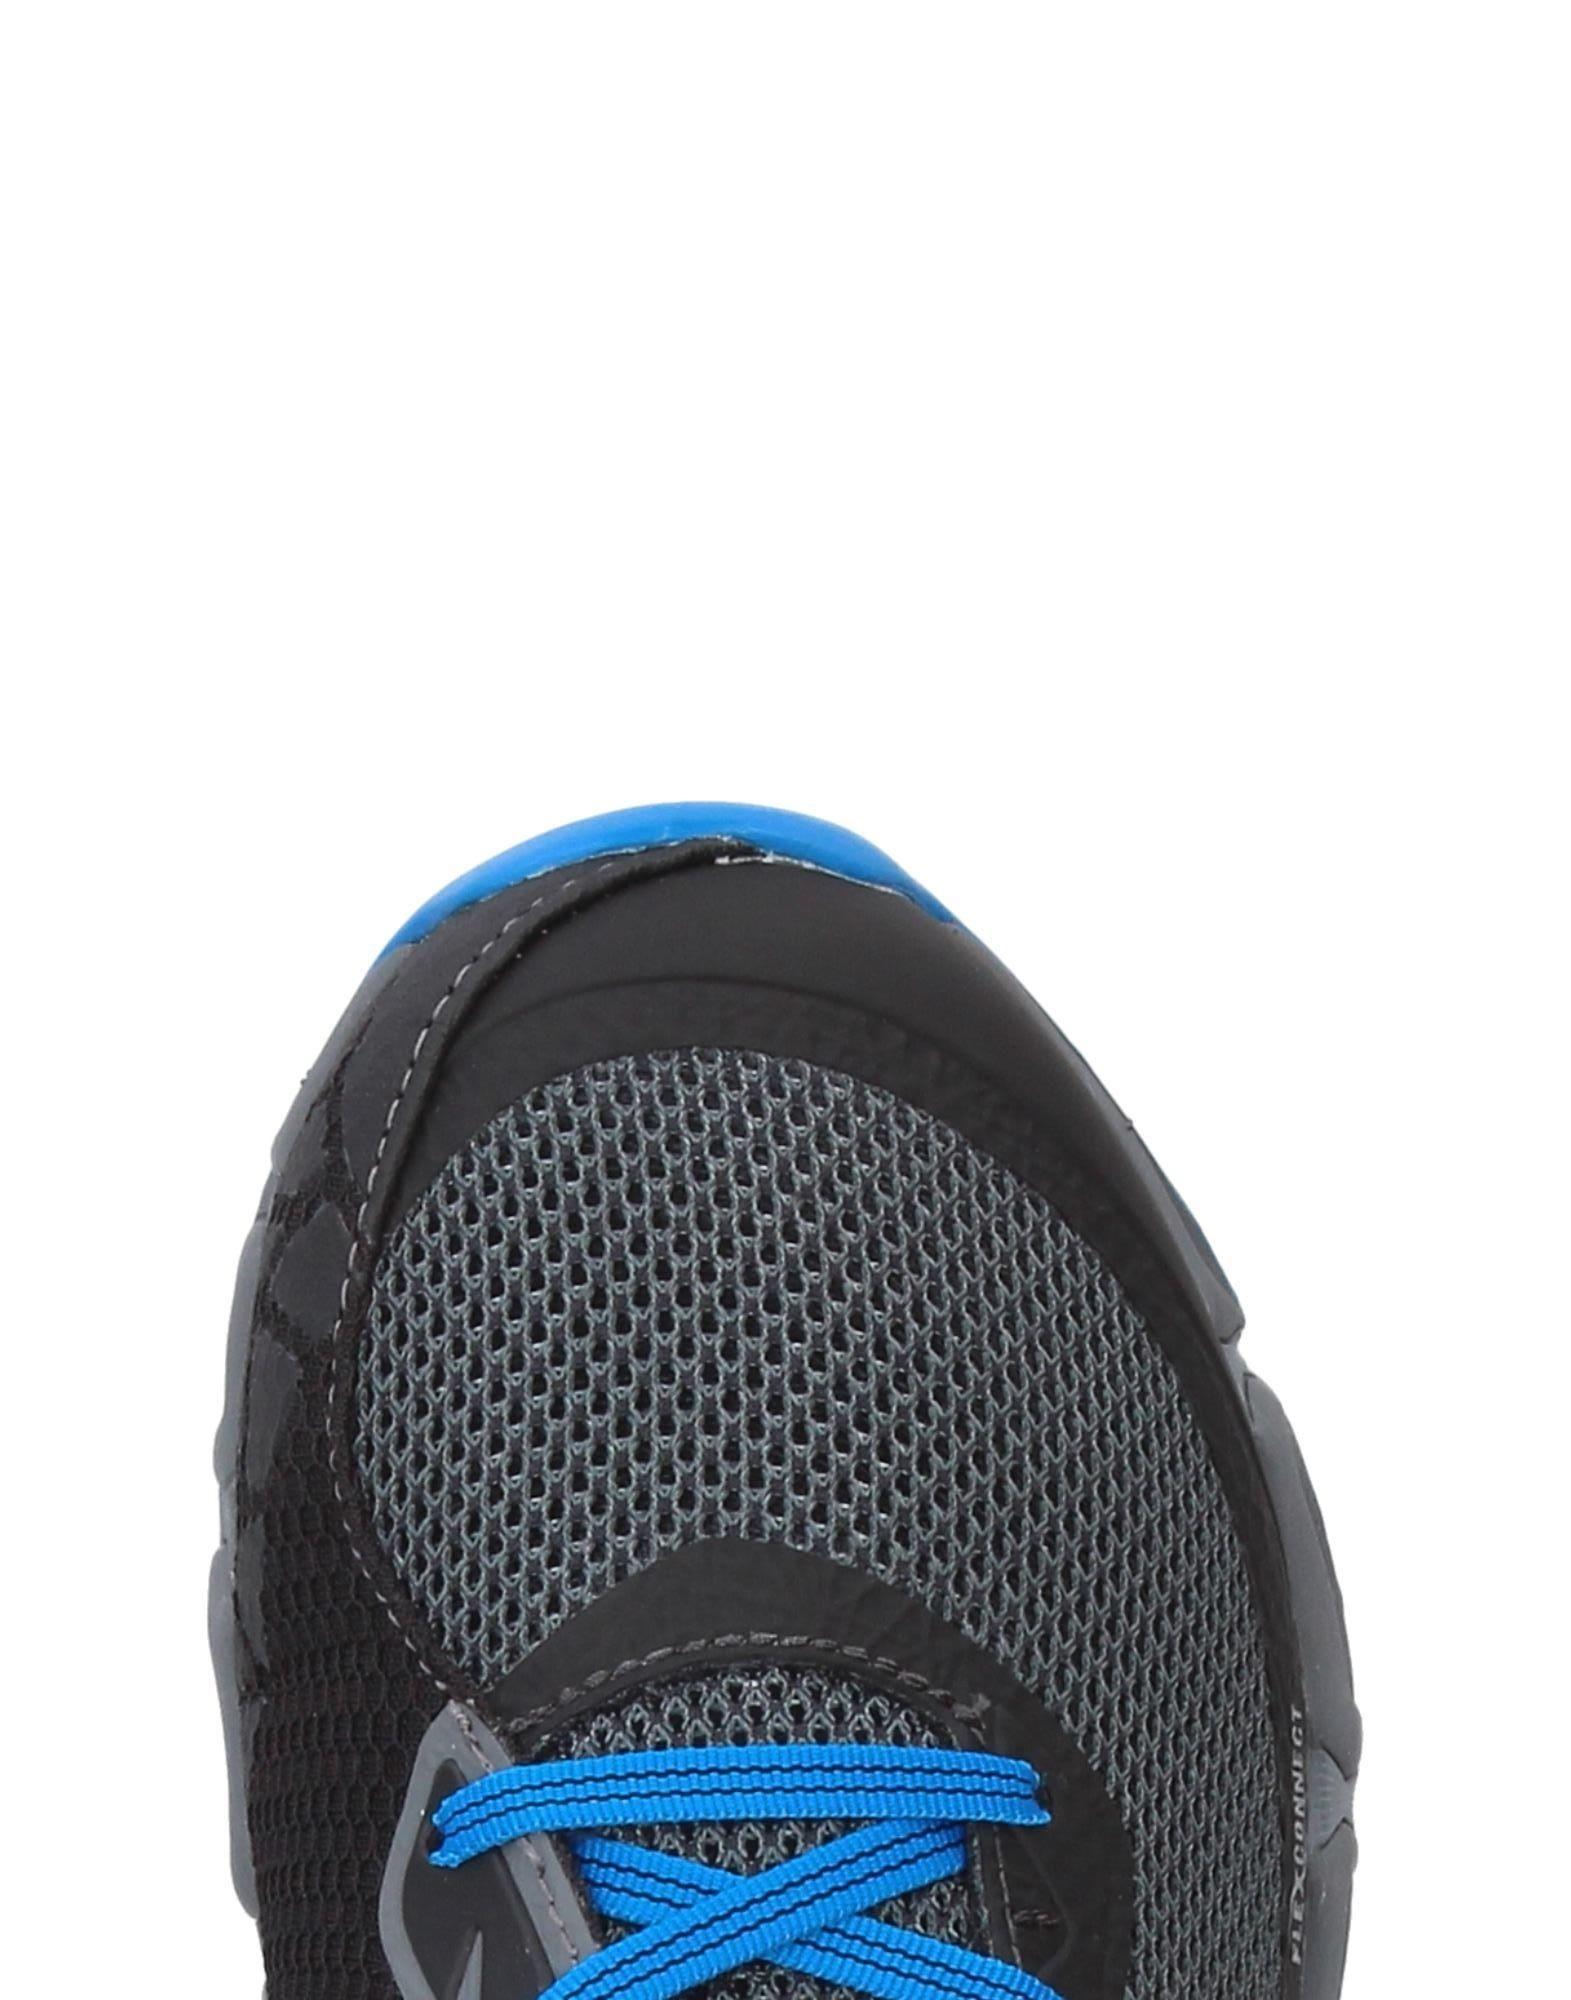 Herren Merrell Sneakers Herren   11376992JG Heiße Schuhe a0c31c